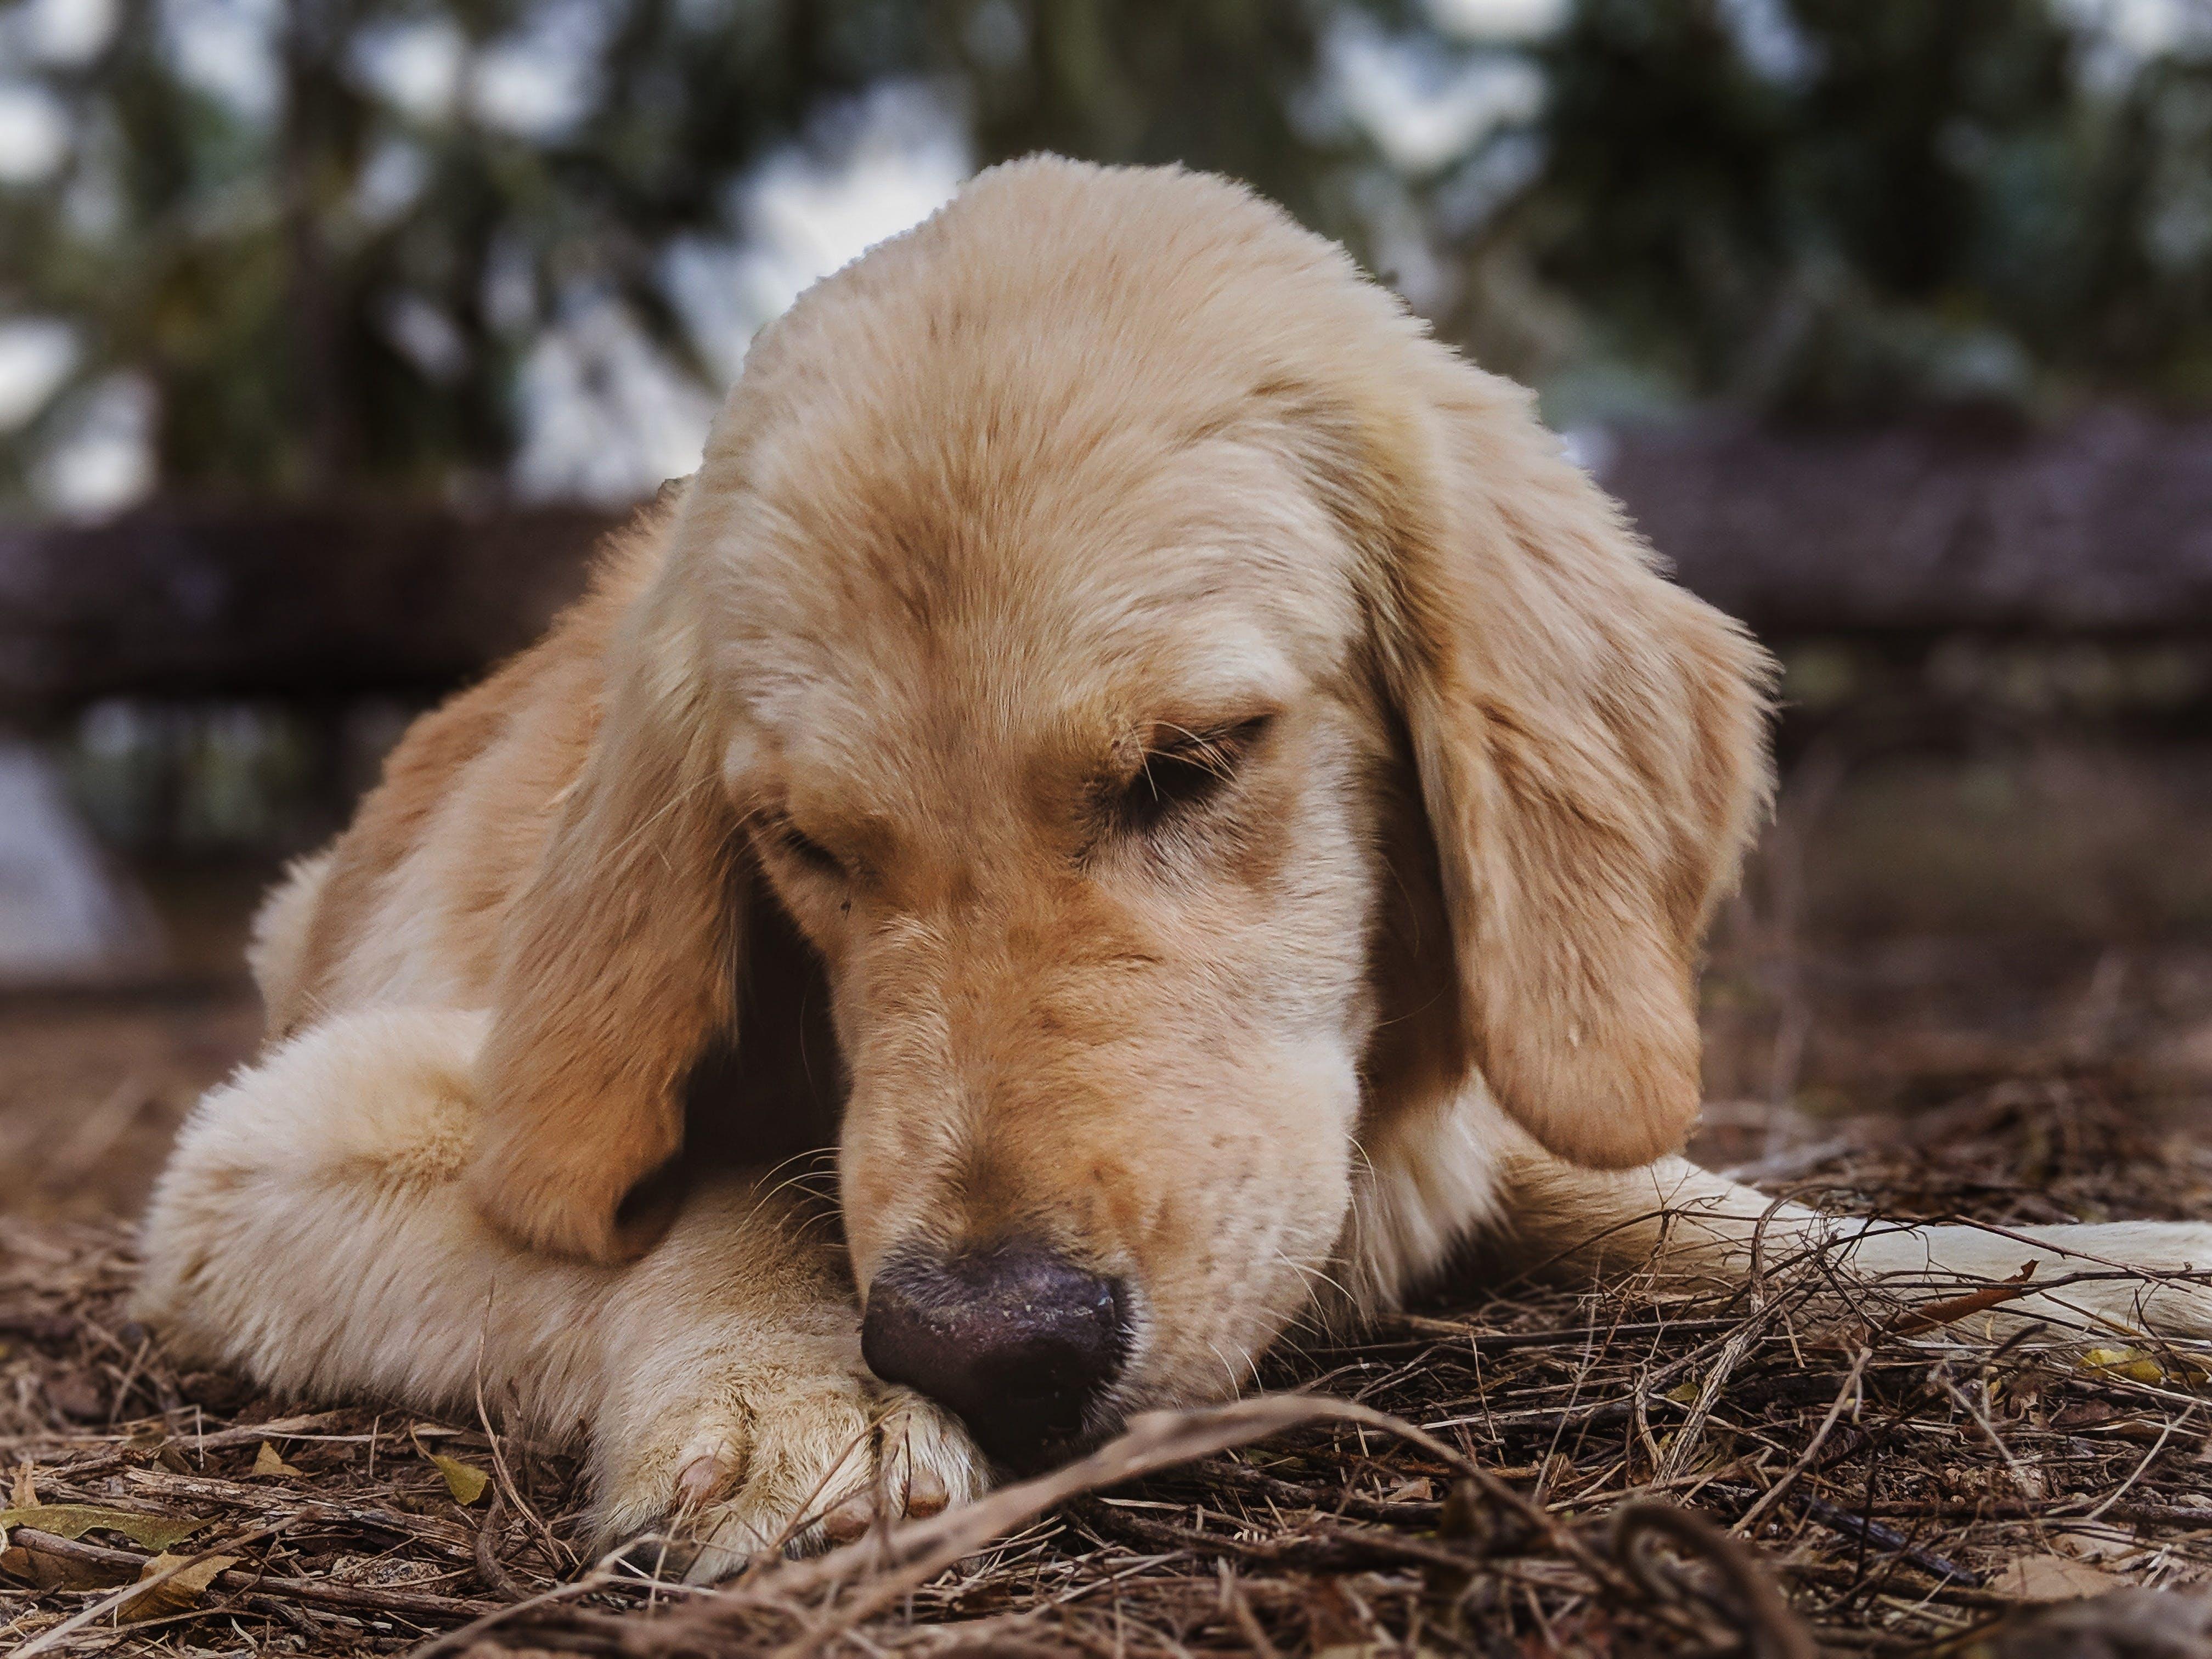 Gratis lagerfoto af golden retriever, hund, hunde, hundehalsbånd